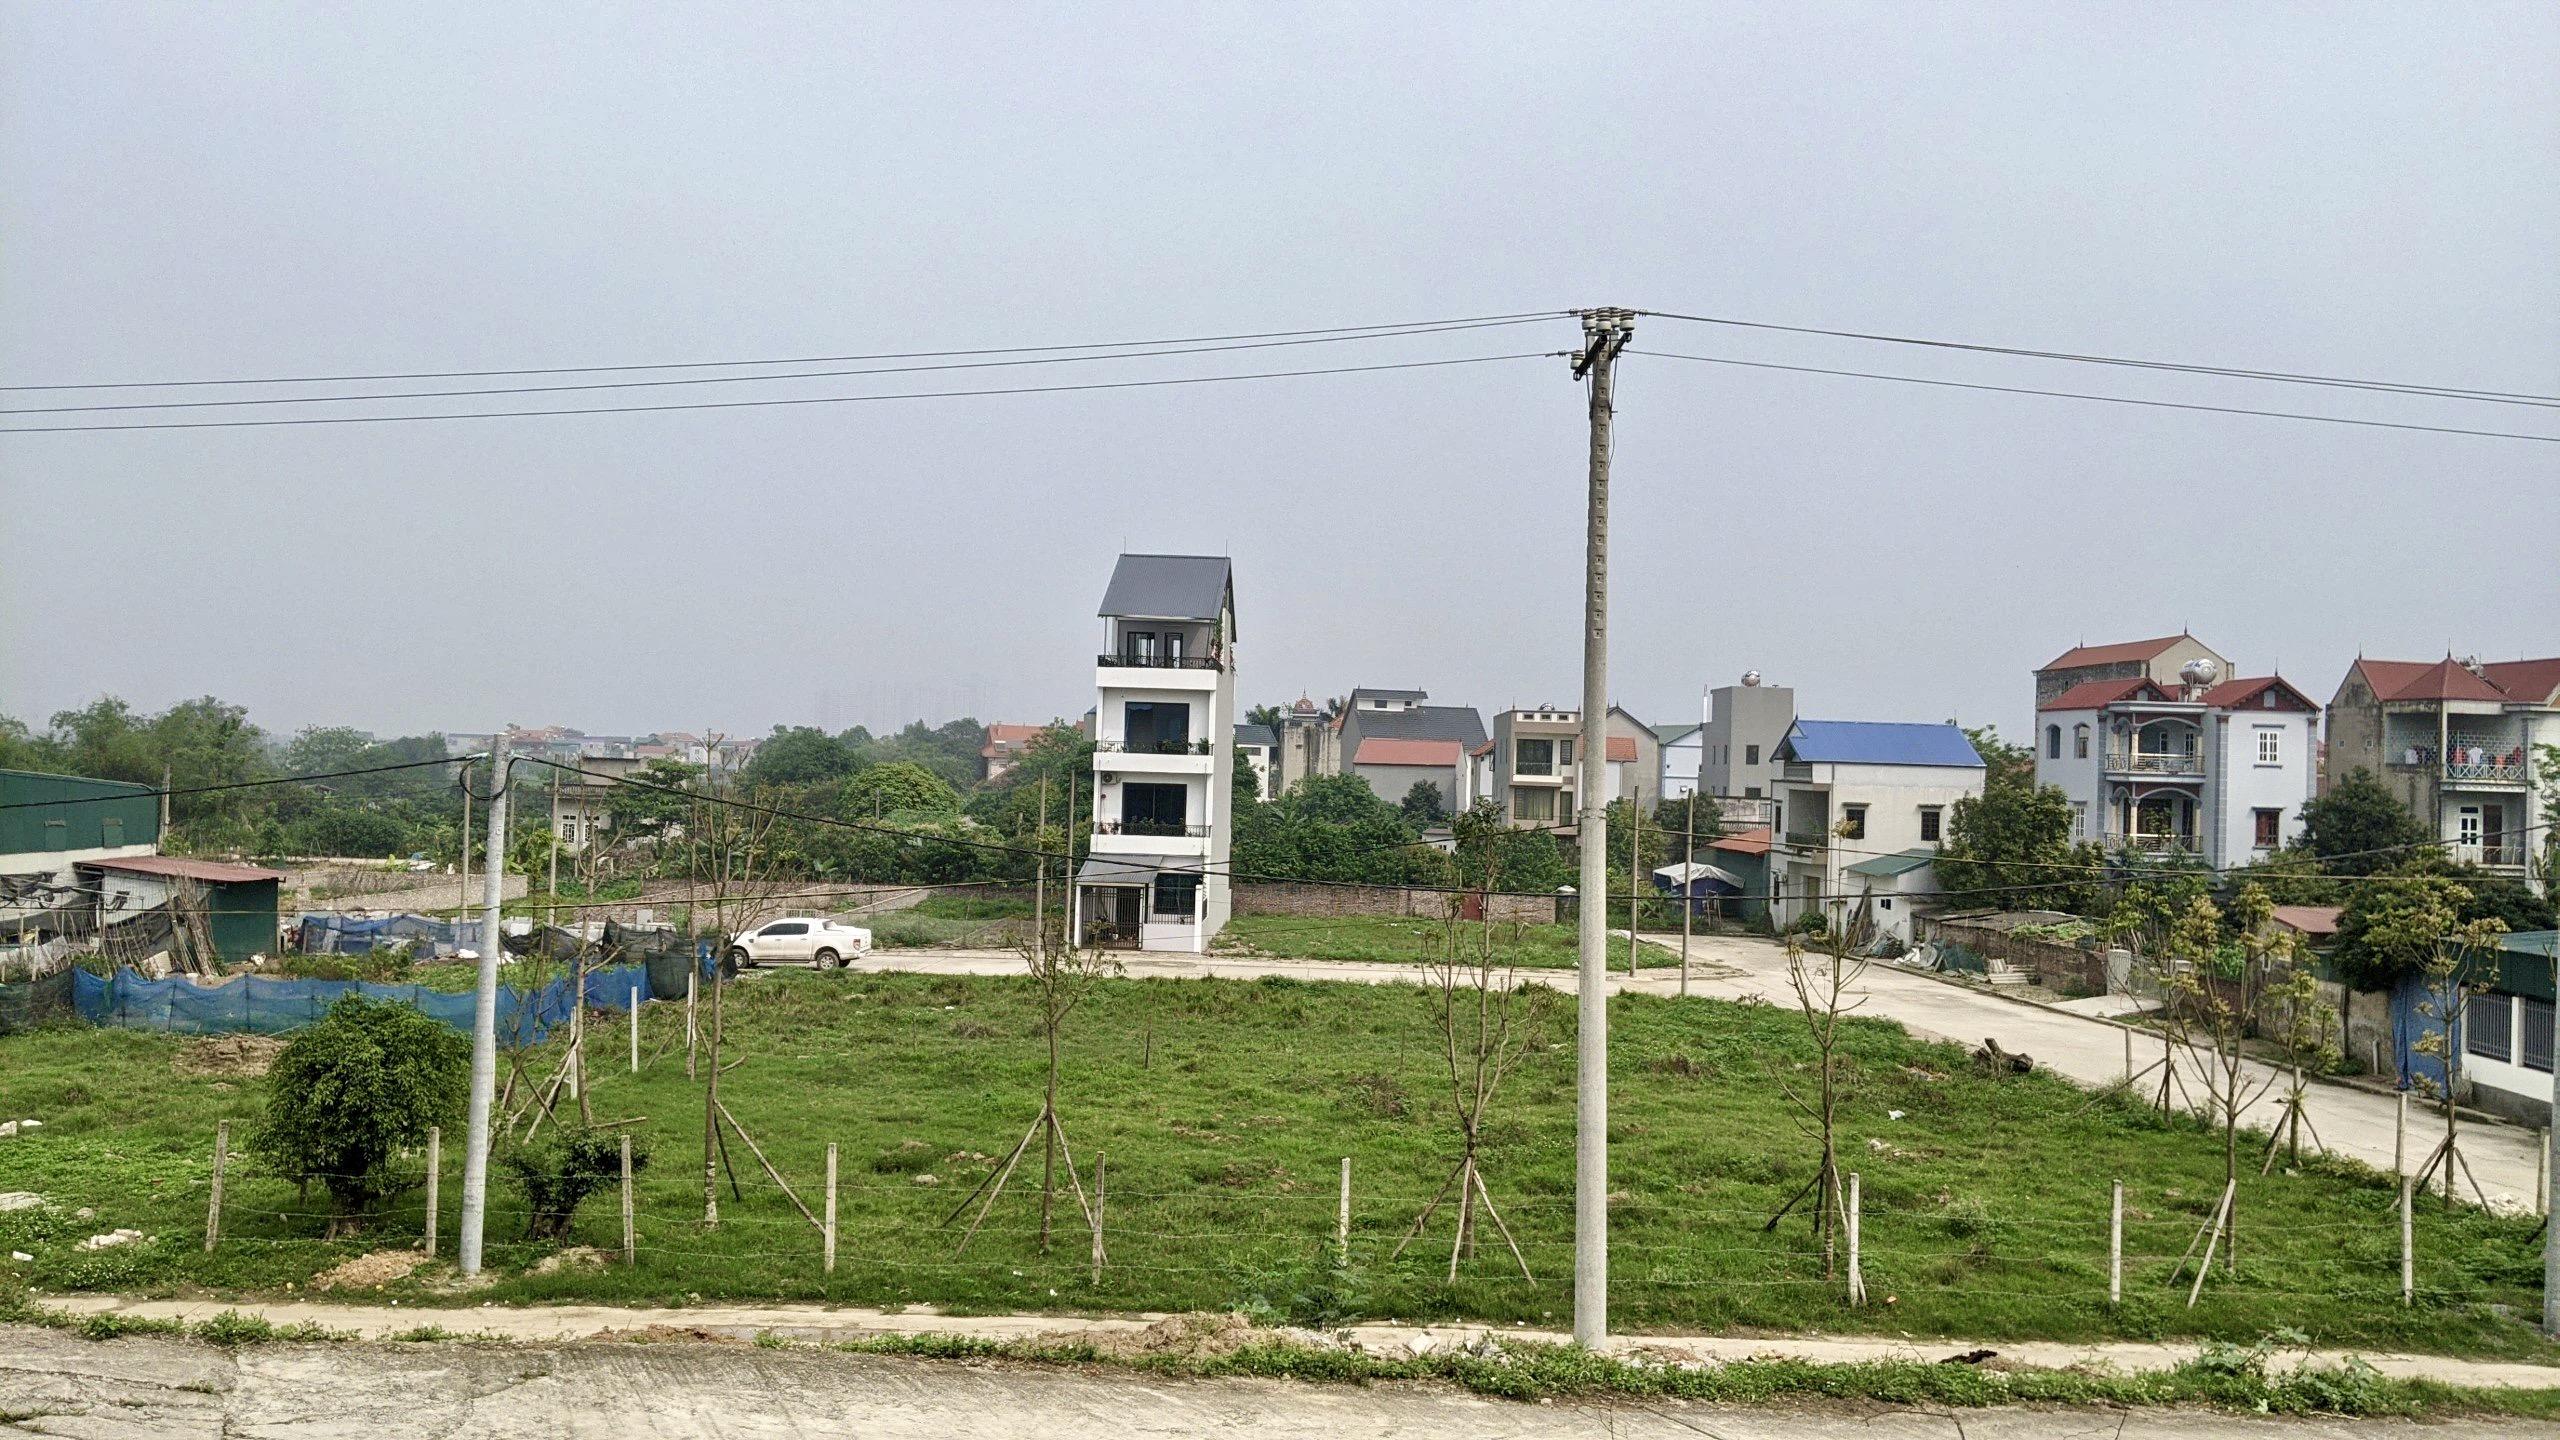 Đấu giá hơn 900 m2 tại xã Vân Nội, huyện Đông Anh, giá khởi điểm hơn 7,3 tỷ đồng  - Ảnh 1.